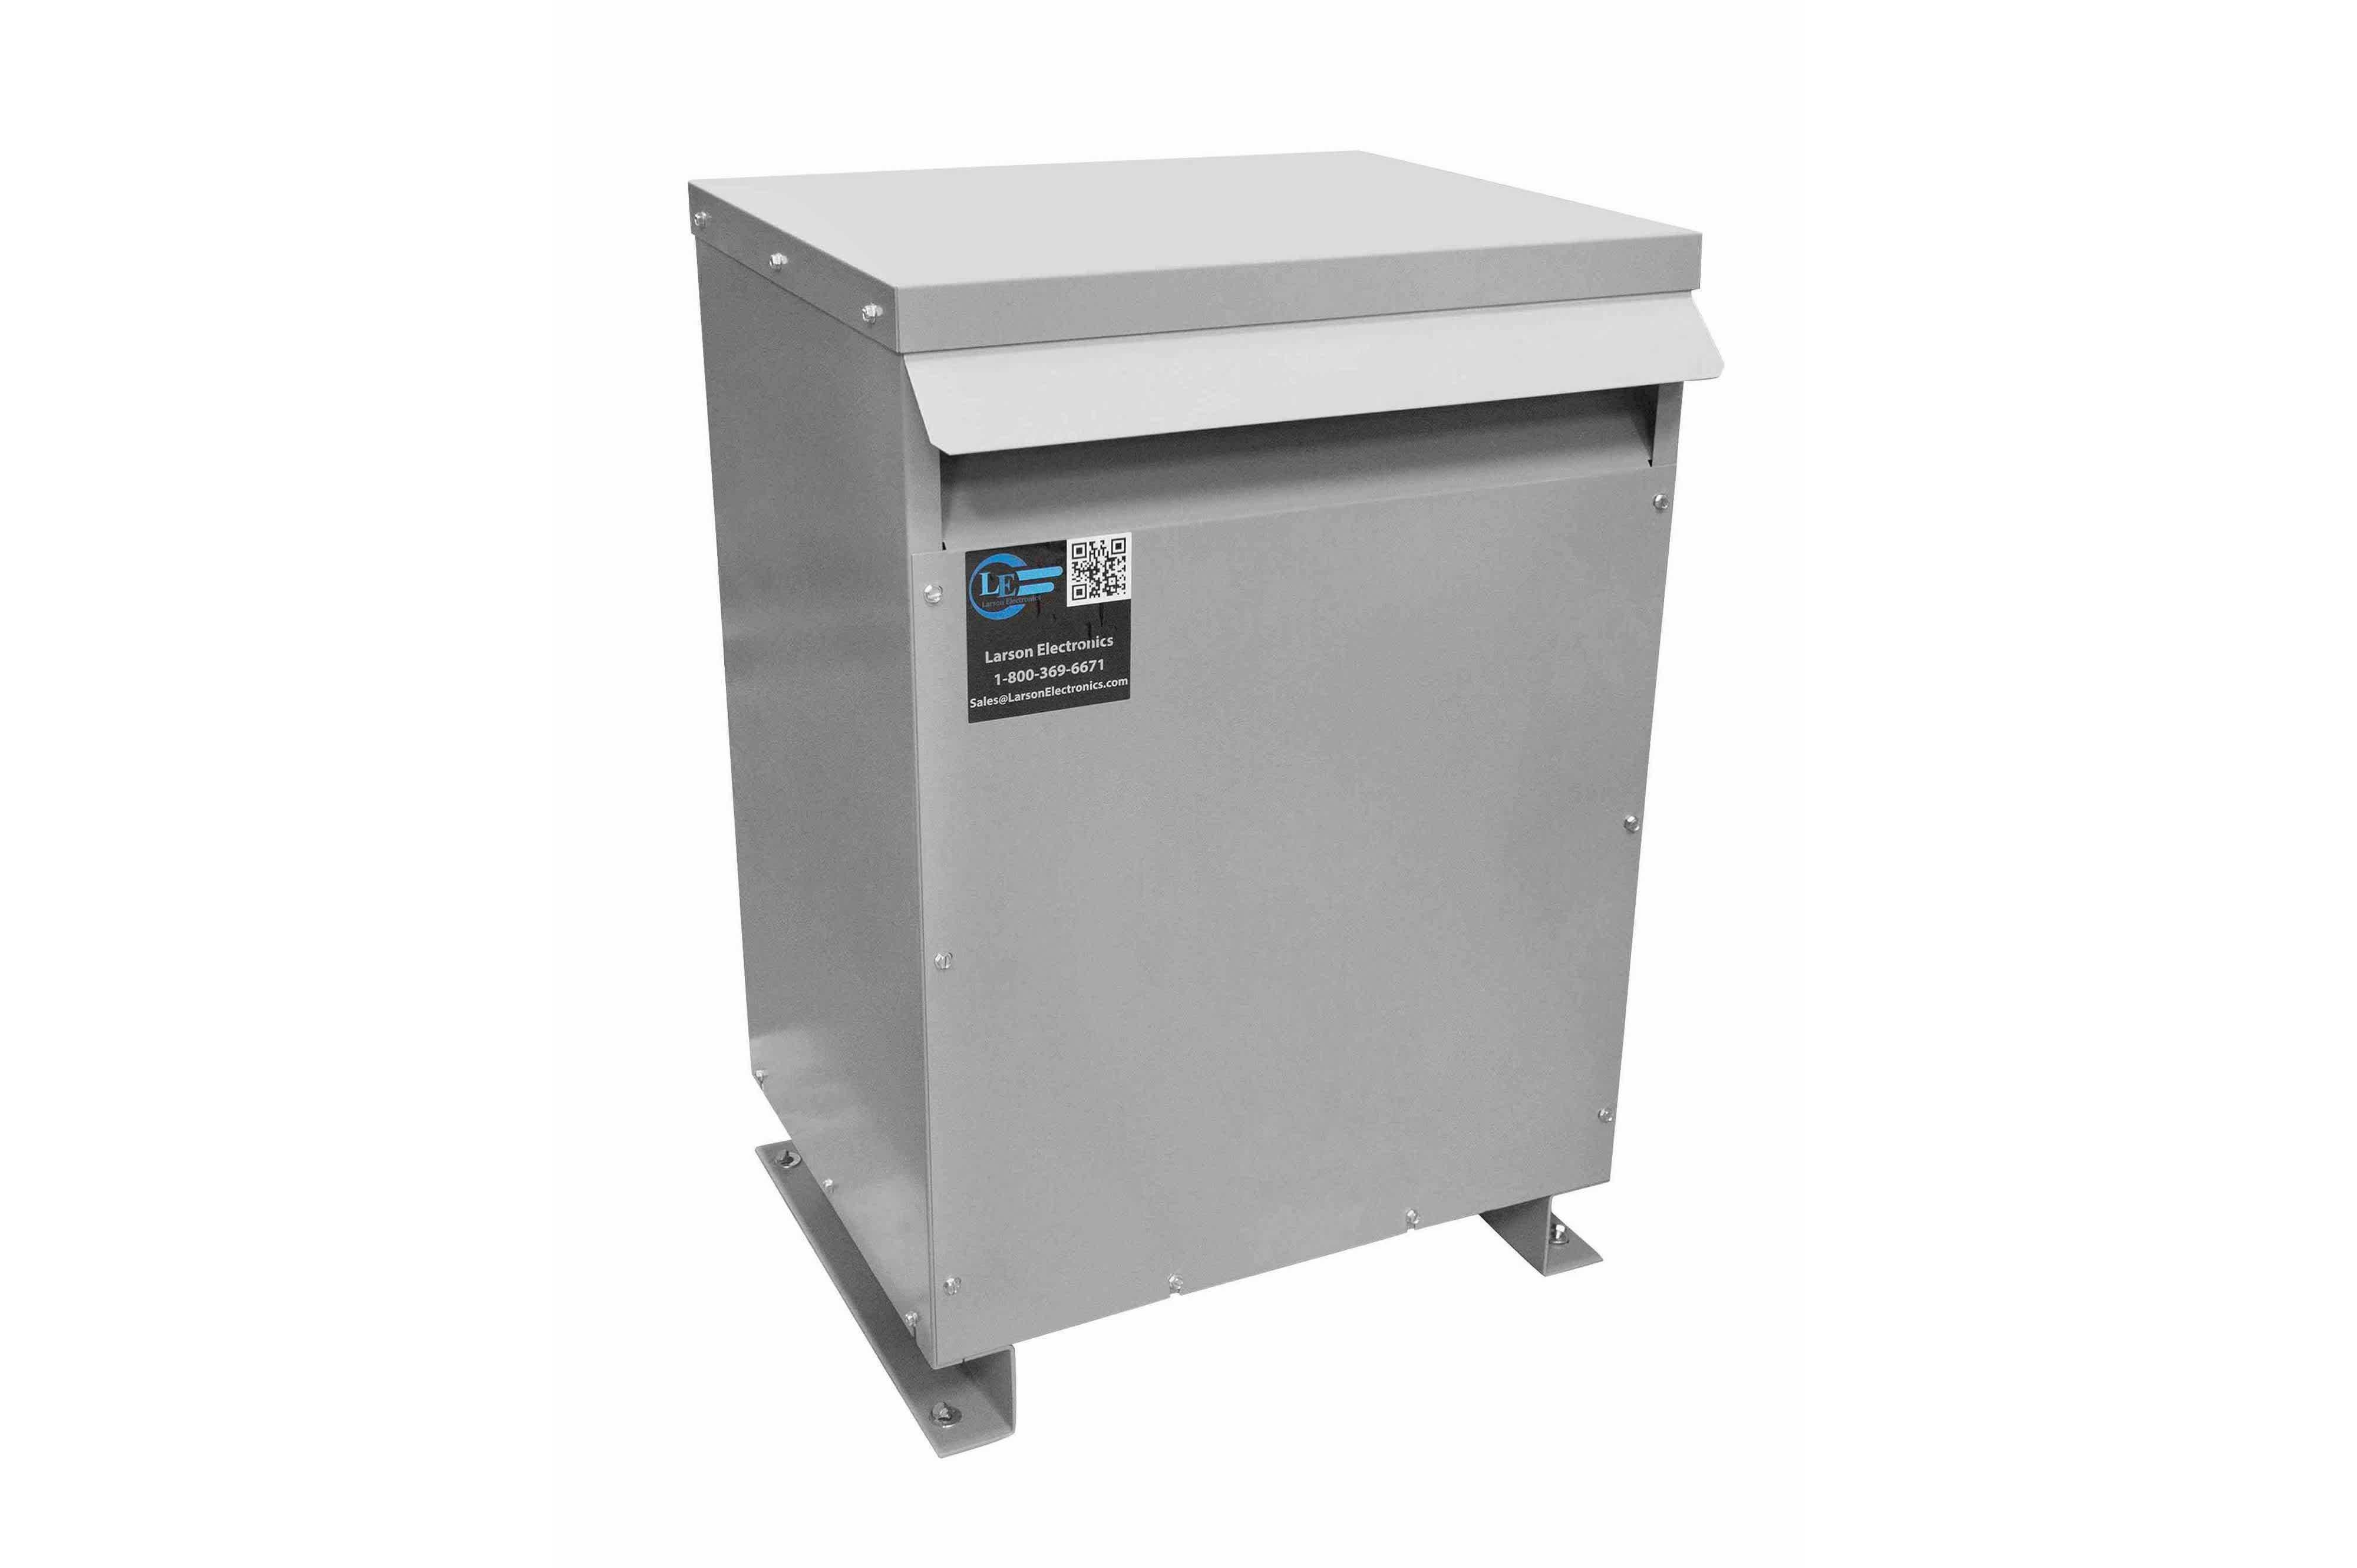 150 kVA 3PH Isolation Transformer, 460V Delta Primary, 400V Delta Secondary, N3R, Ventilated, 60 Hz